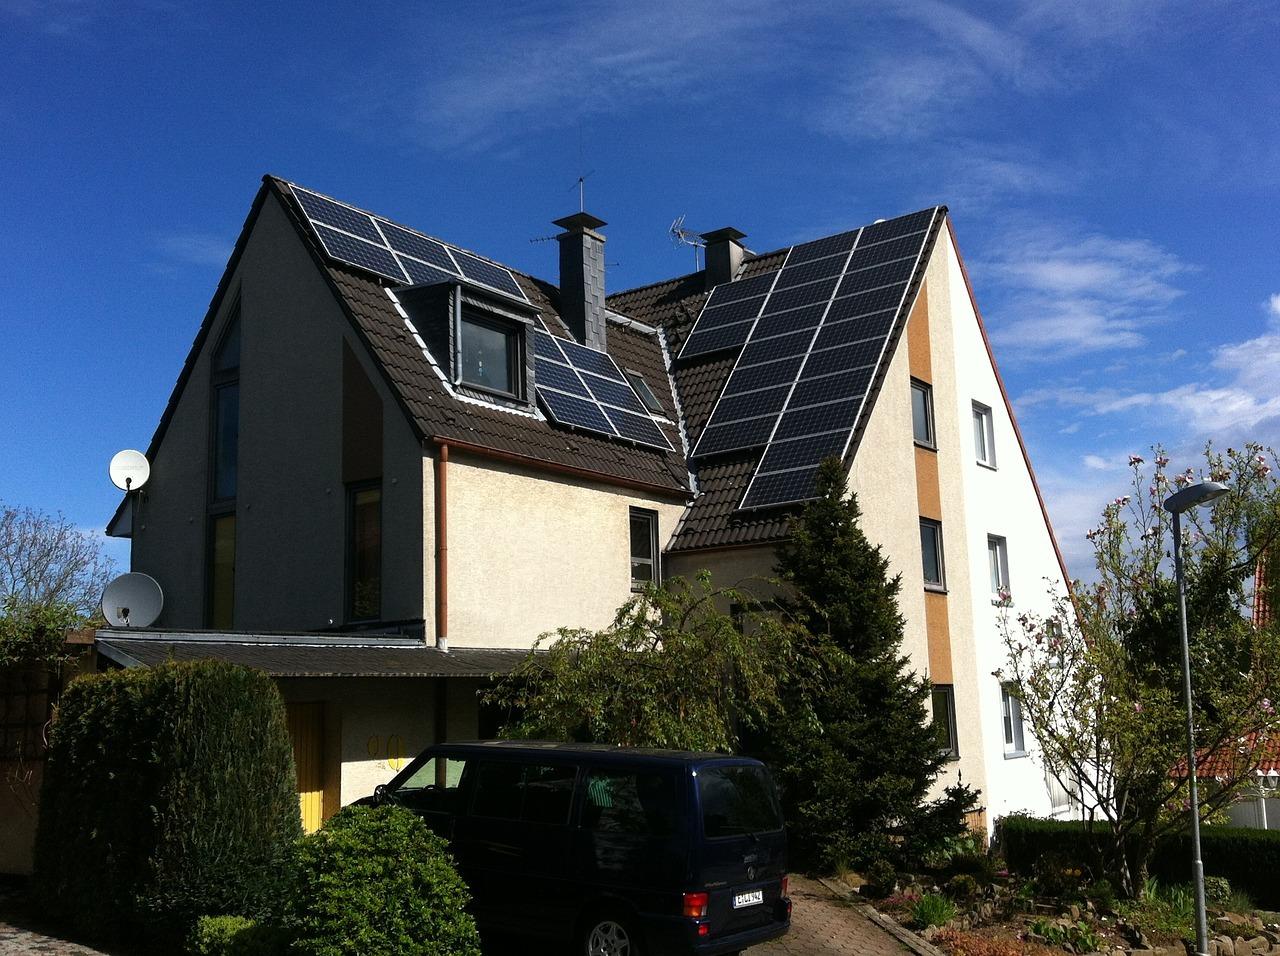 Photovoltaik Anlage auf dem Dach eines kleinen Mehrfamilienhauses